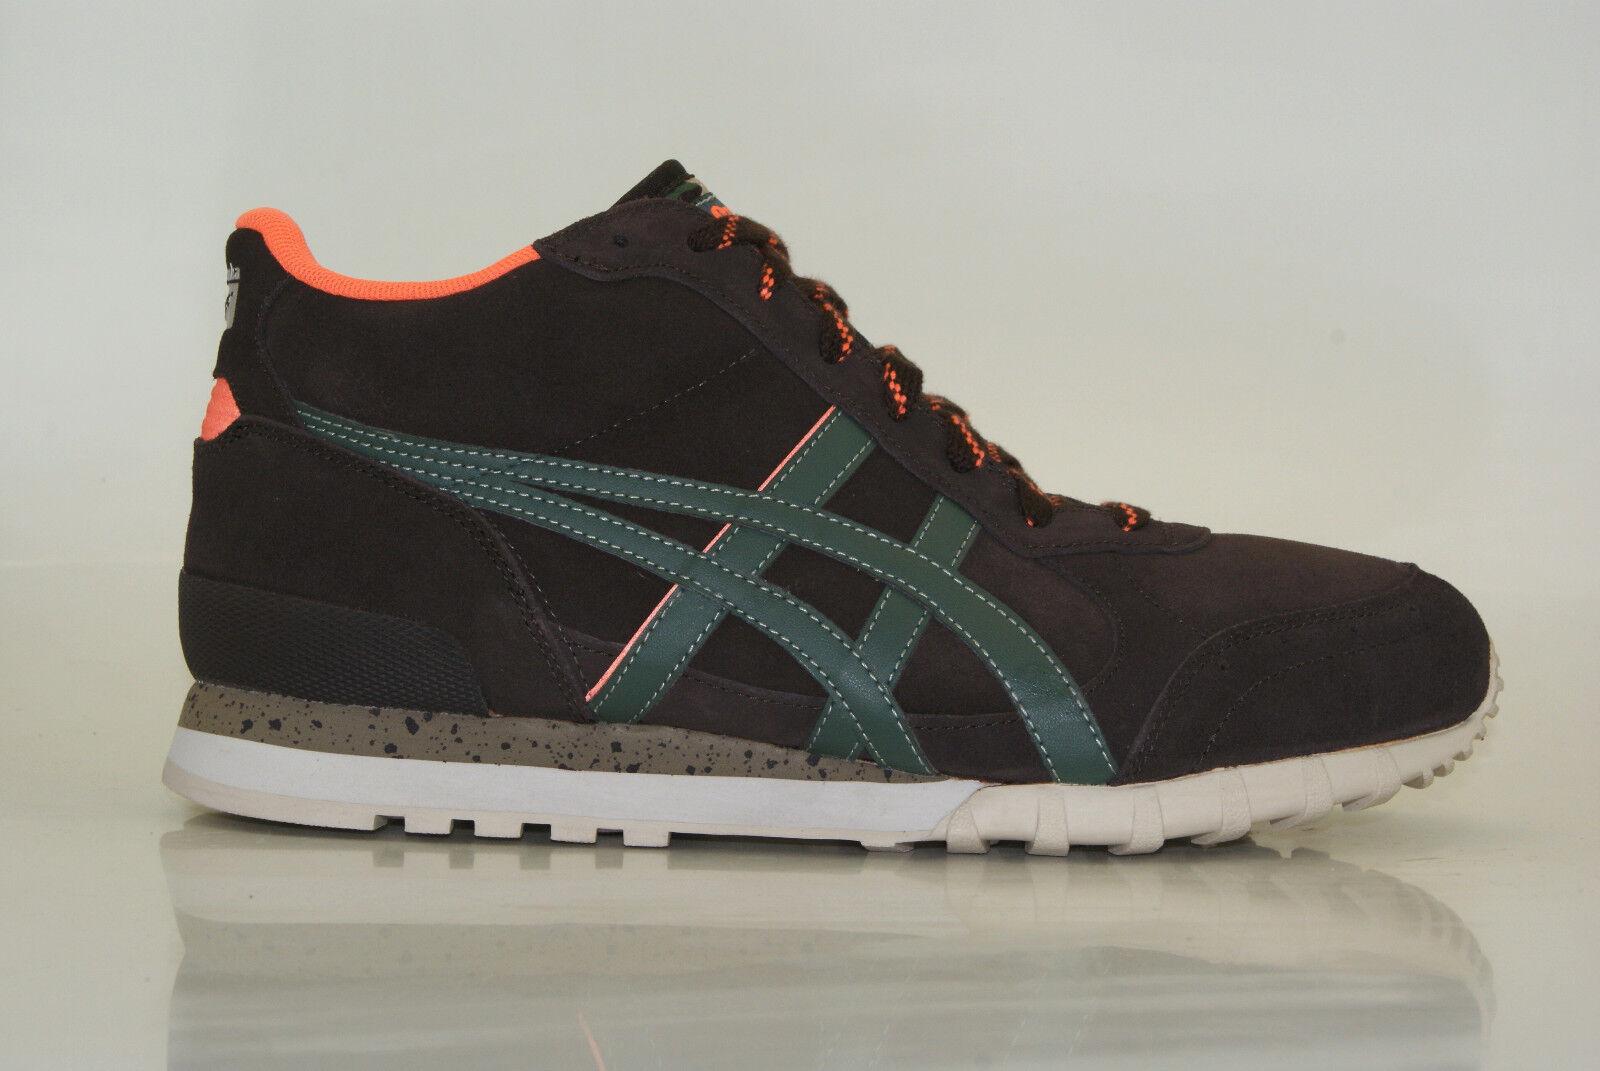 Asics Onitsuka Tiger cortos colorado Eighty-five 85 mt zapatos caballero d32pk-2880